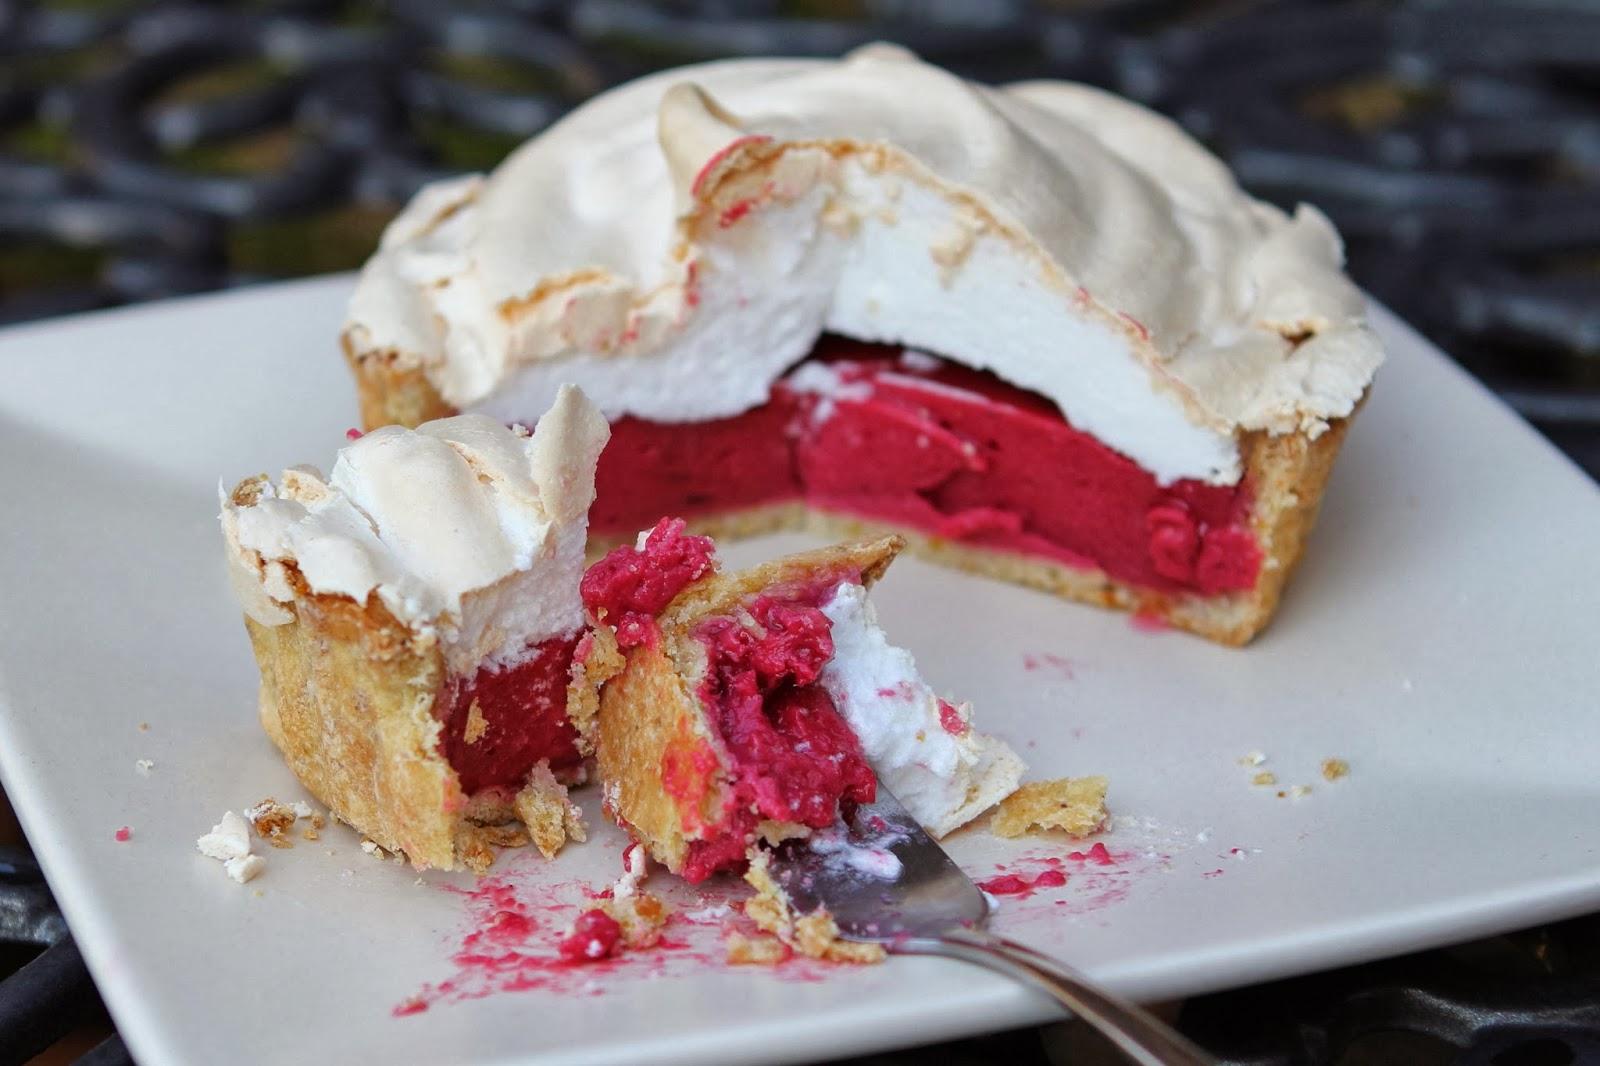 ... Free Alchemist: Raspberry Meringue Pie with Lime & Pistachio Pastry